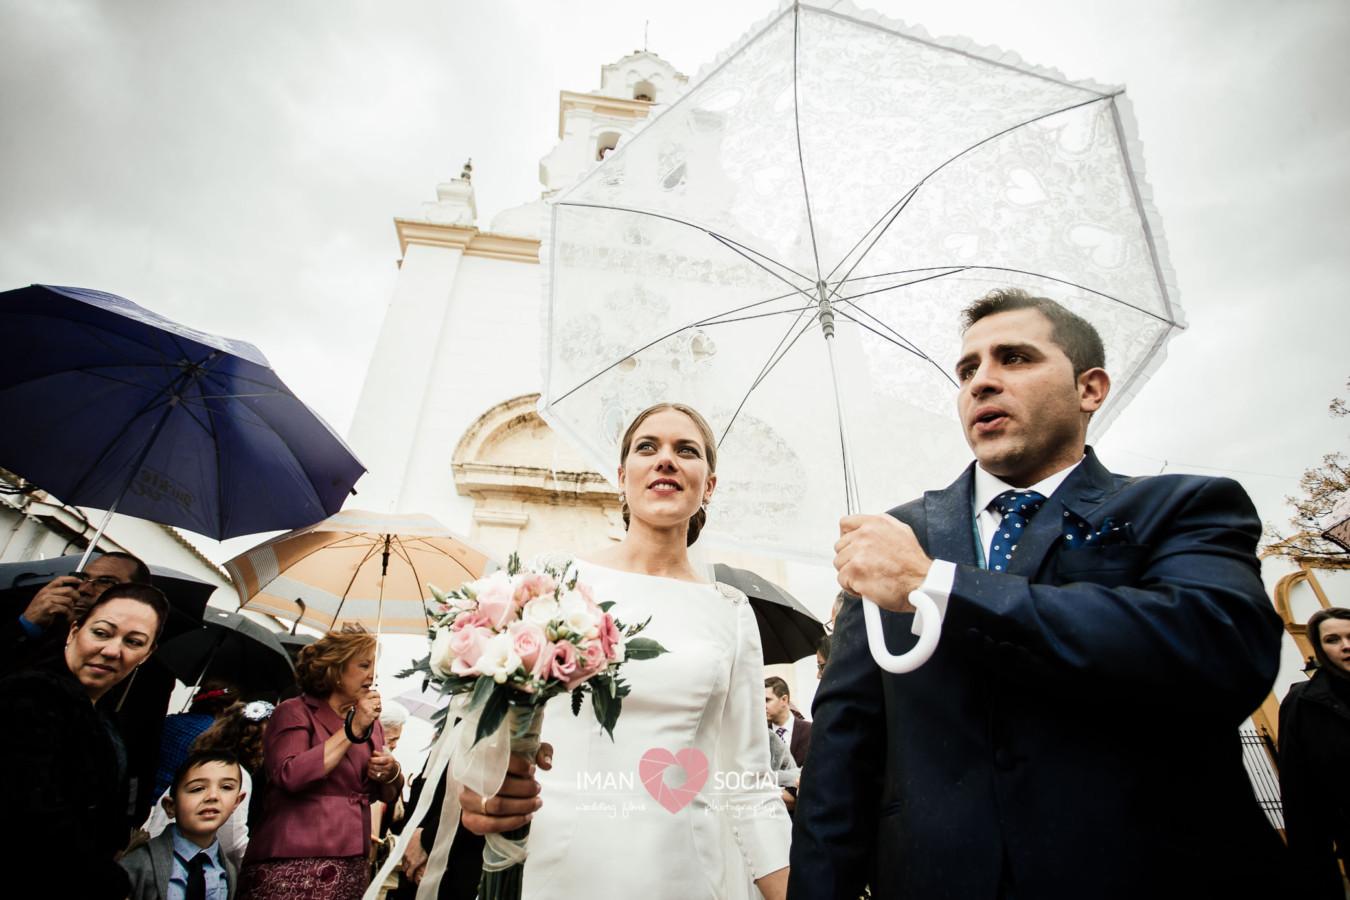 fotografo-de-boda-en-cordoba-sevilla-posadas-boda-auxi-y-antonio-31 Auxi & Antonio, primera boda de la temporada - video boda cordoba